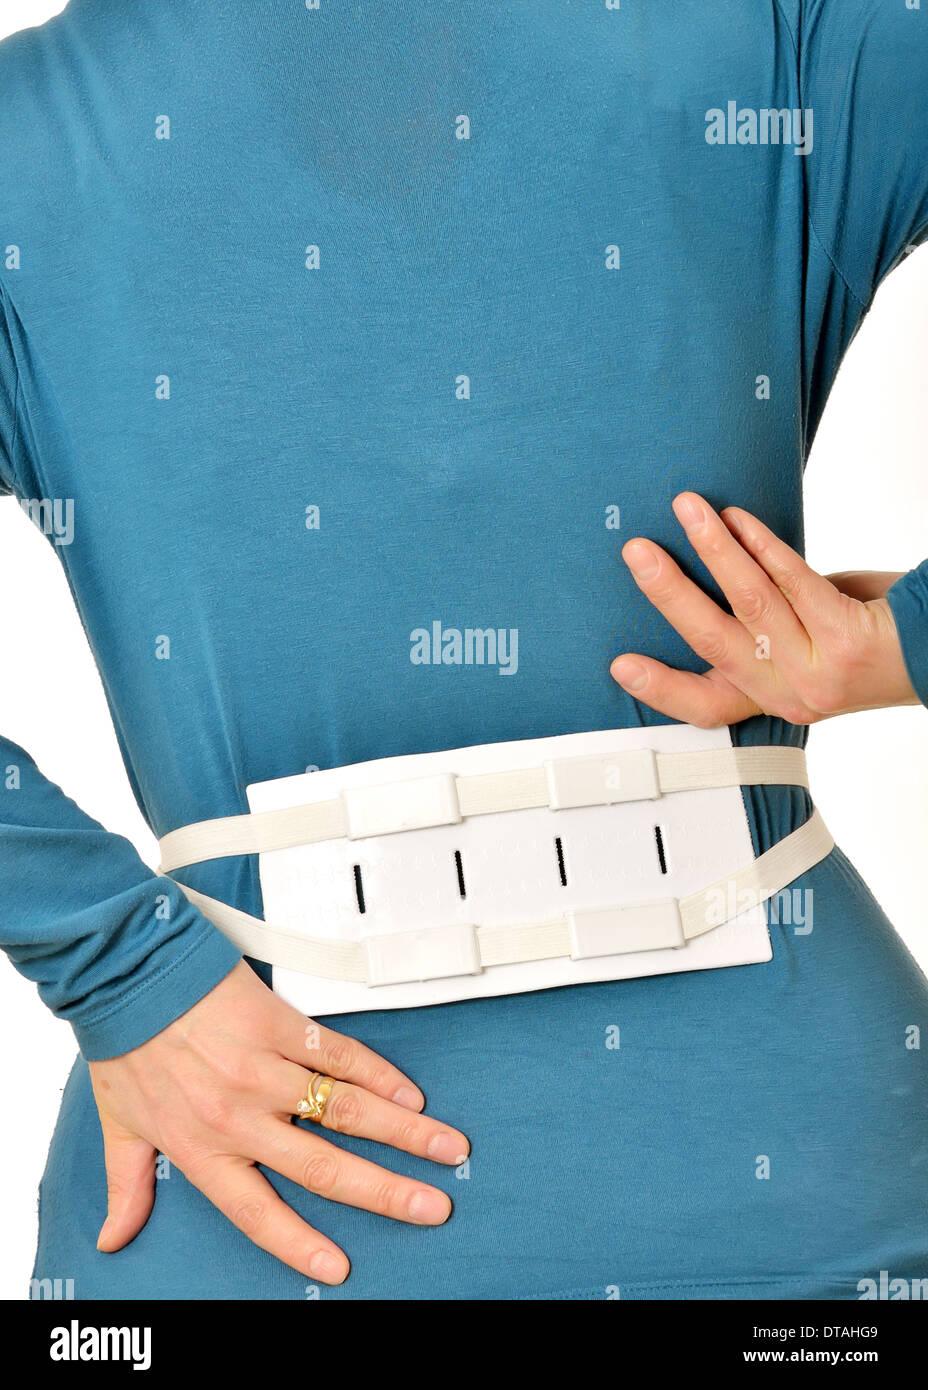 Medical Belt Brace for Spine - Stock Image